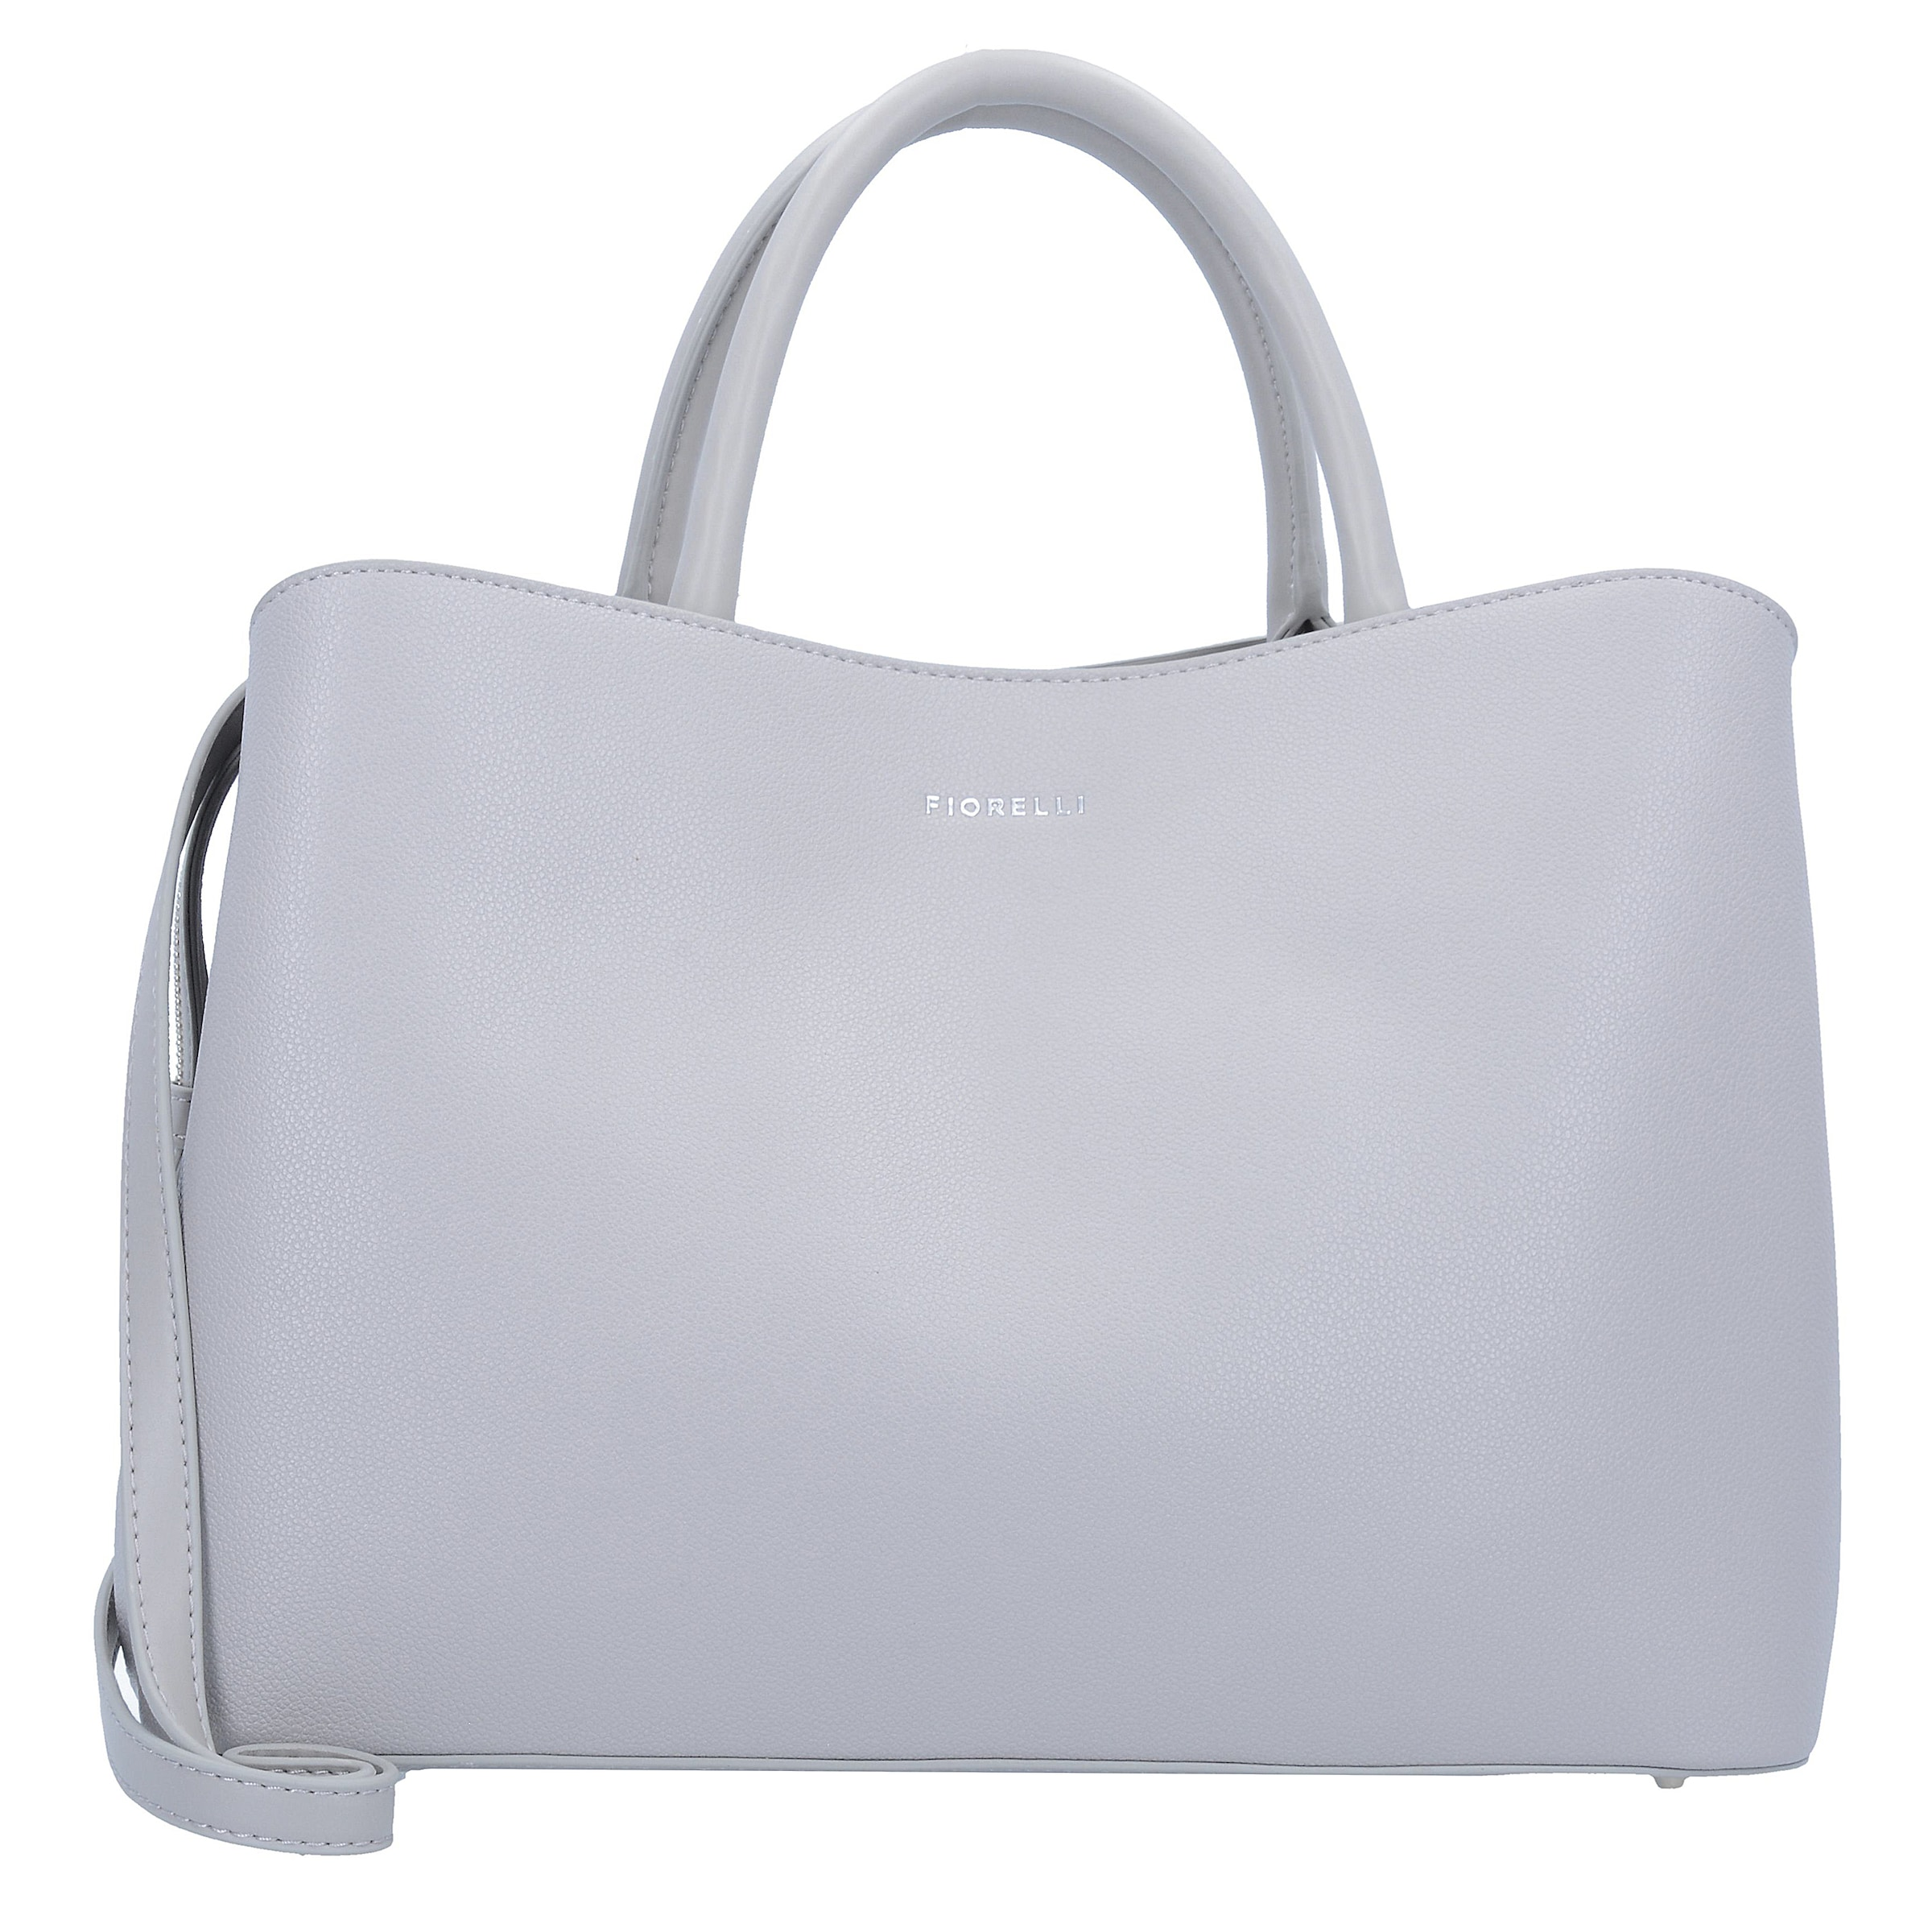 197b40a200bed  bethnal  Hellgrau Handtasche Handtasche In Fiorelli Fiorelli 7Ygb6fy